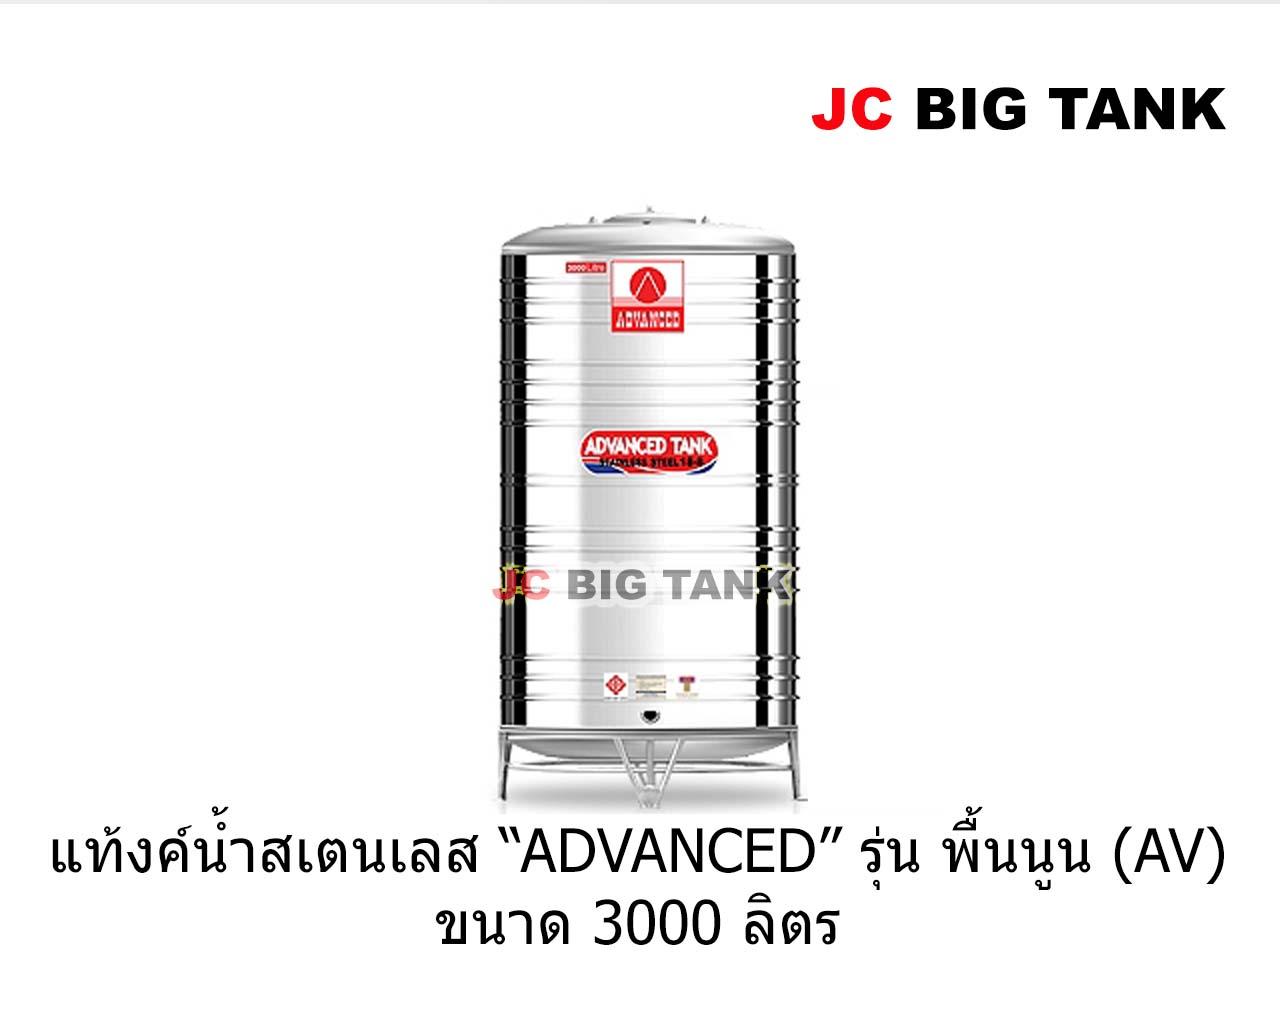 แท้งค์น้ำสเตนเลส ADVANCE รุ่น พื้นนูน (AV) ขนาด 3000 ลิตร